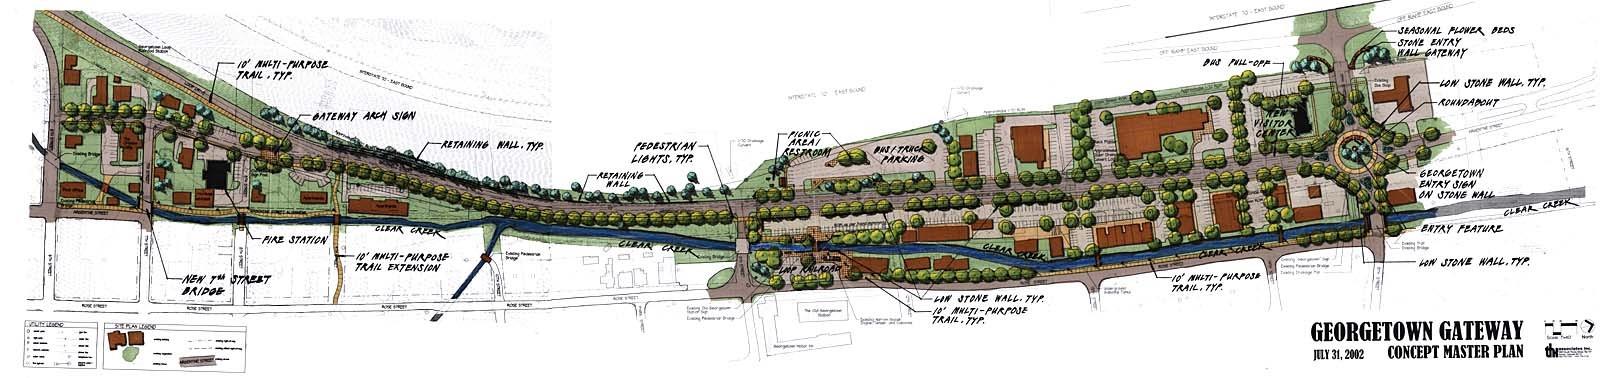 gateway plan.jpg